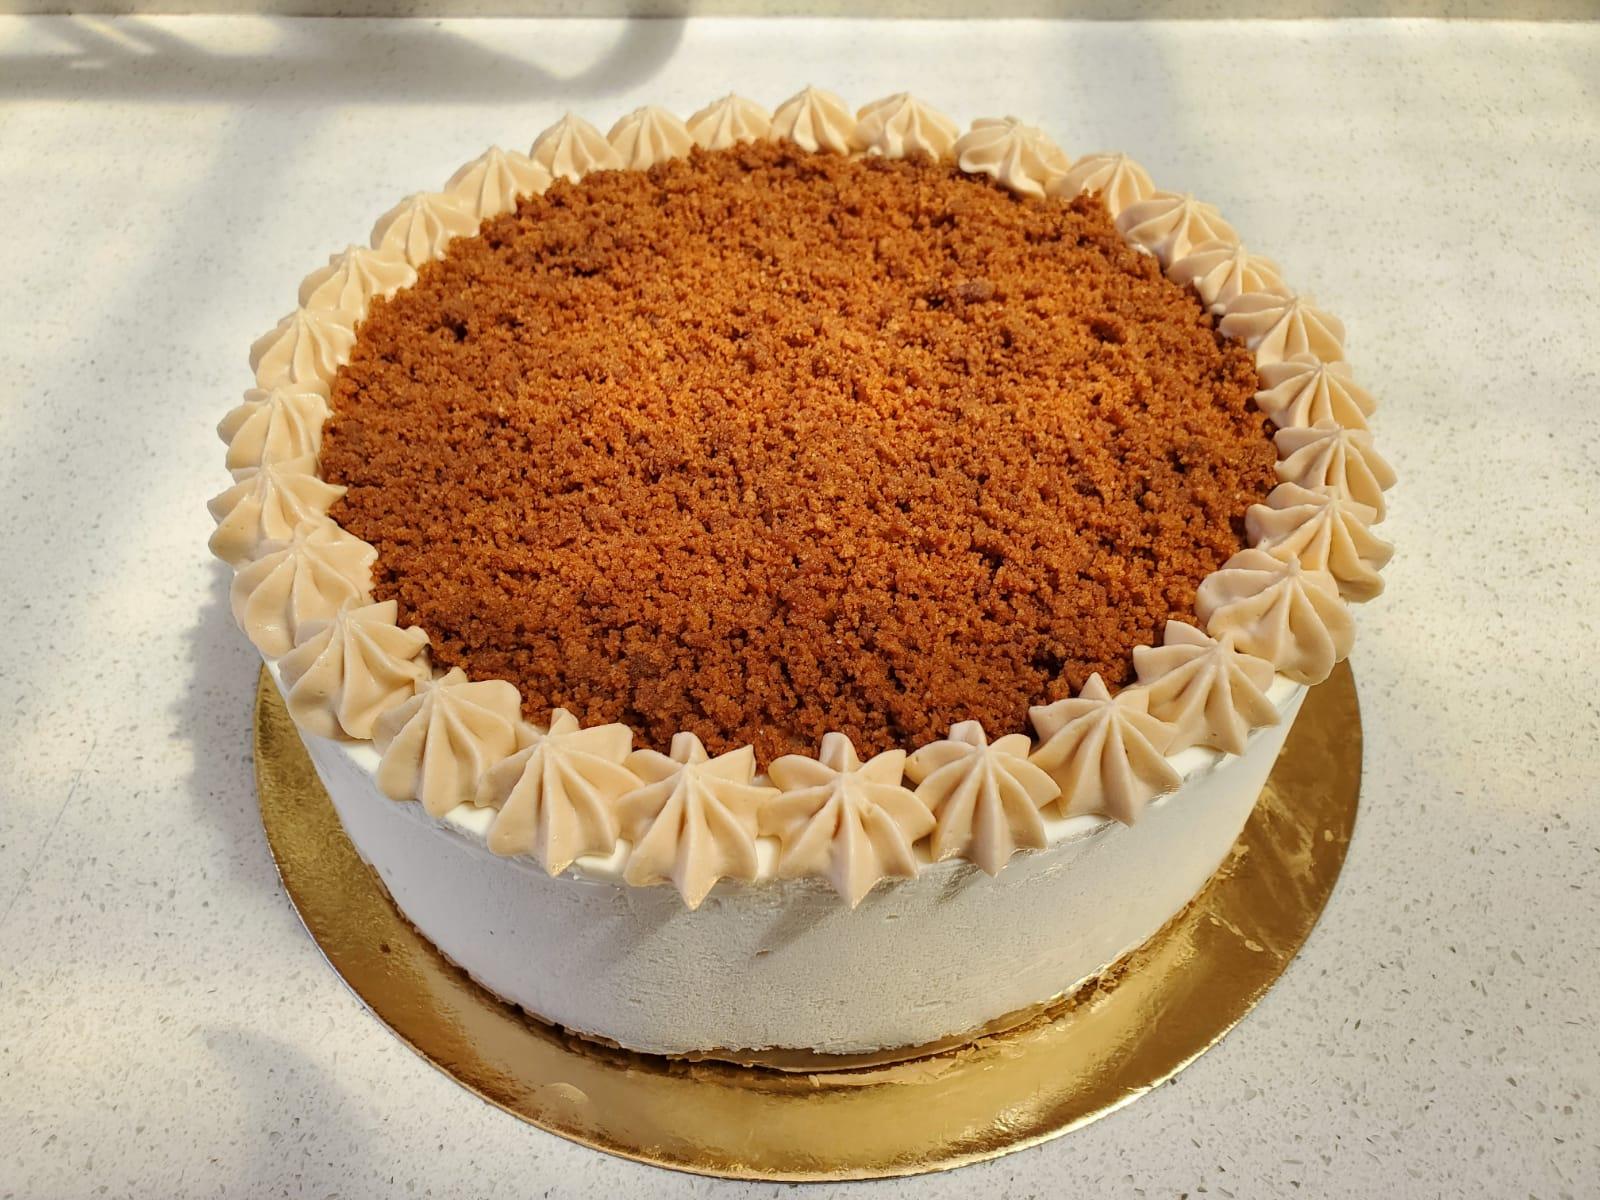 עוגת מוס לוטוס